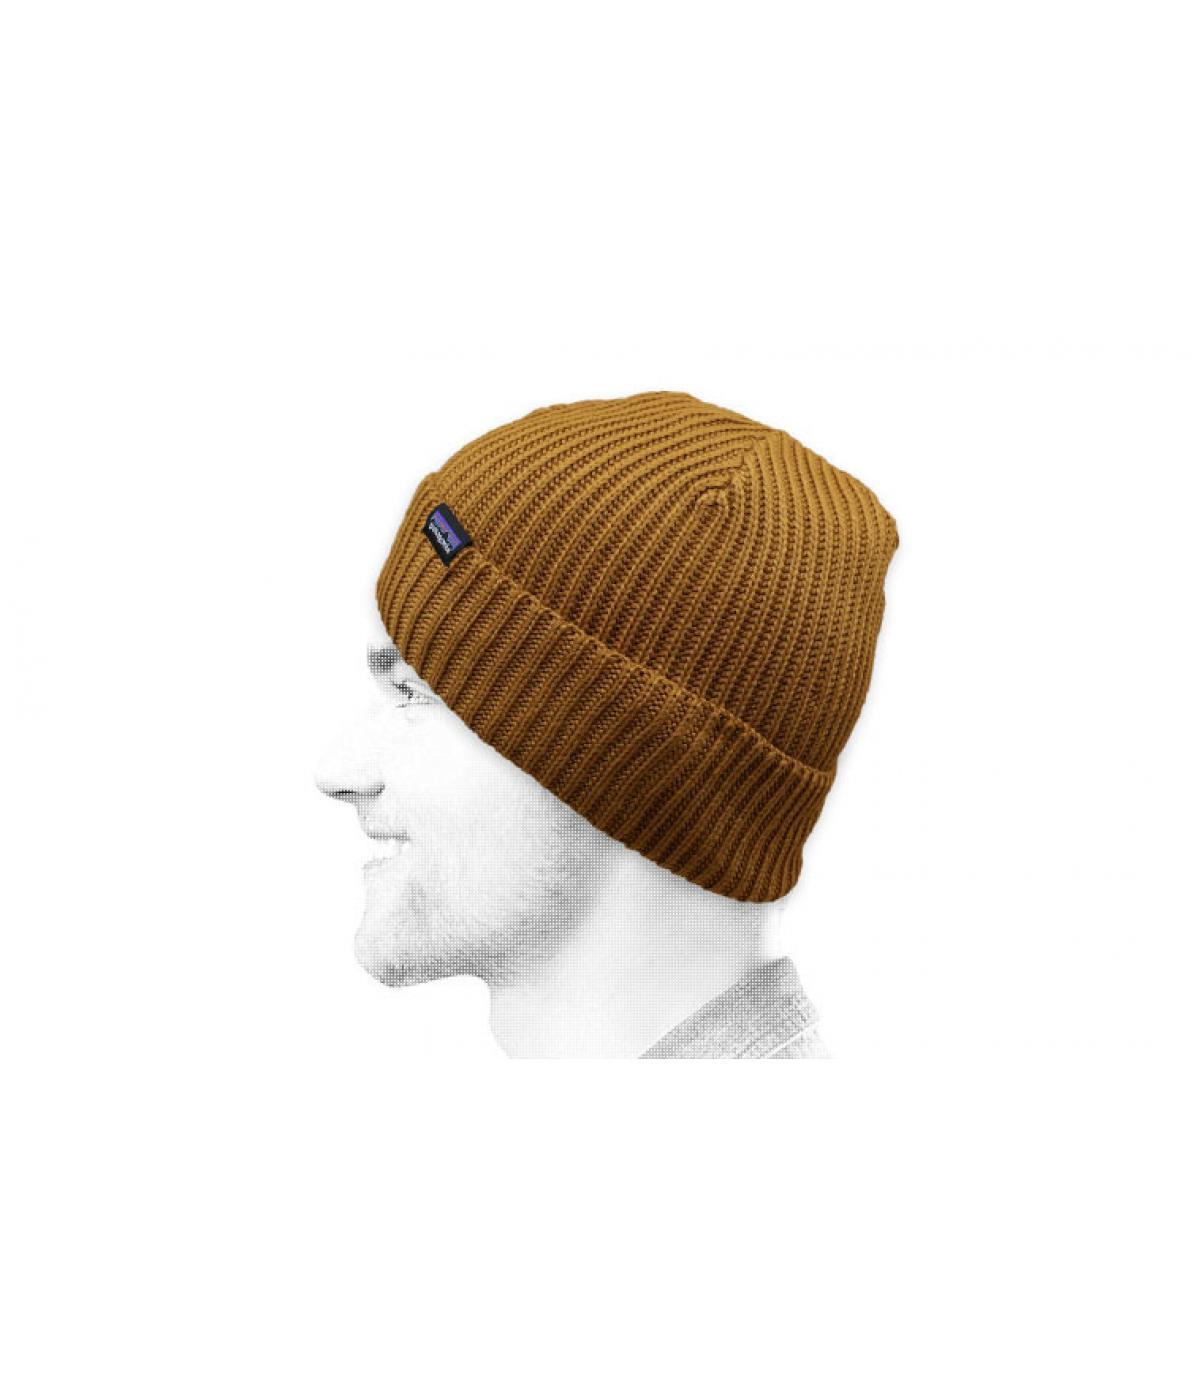 Cuff Mütze beige Patagonia